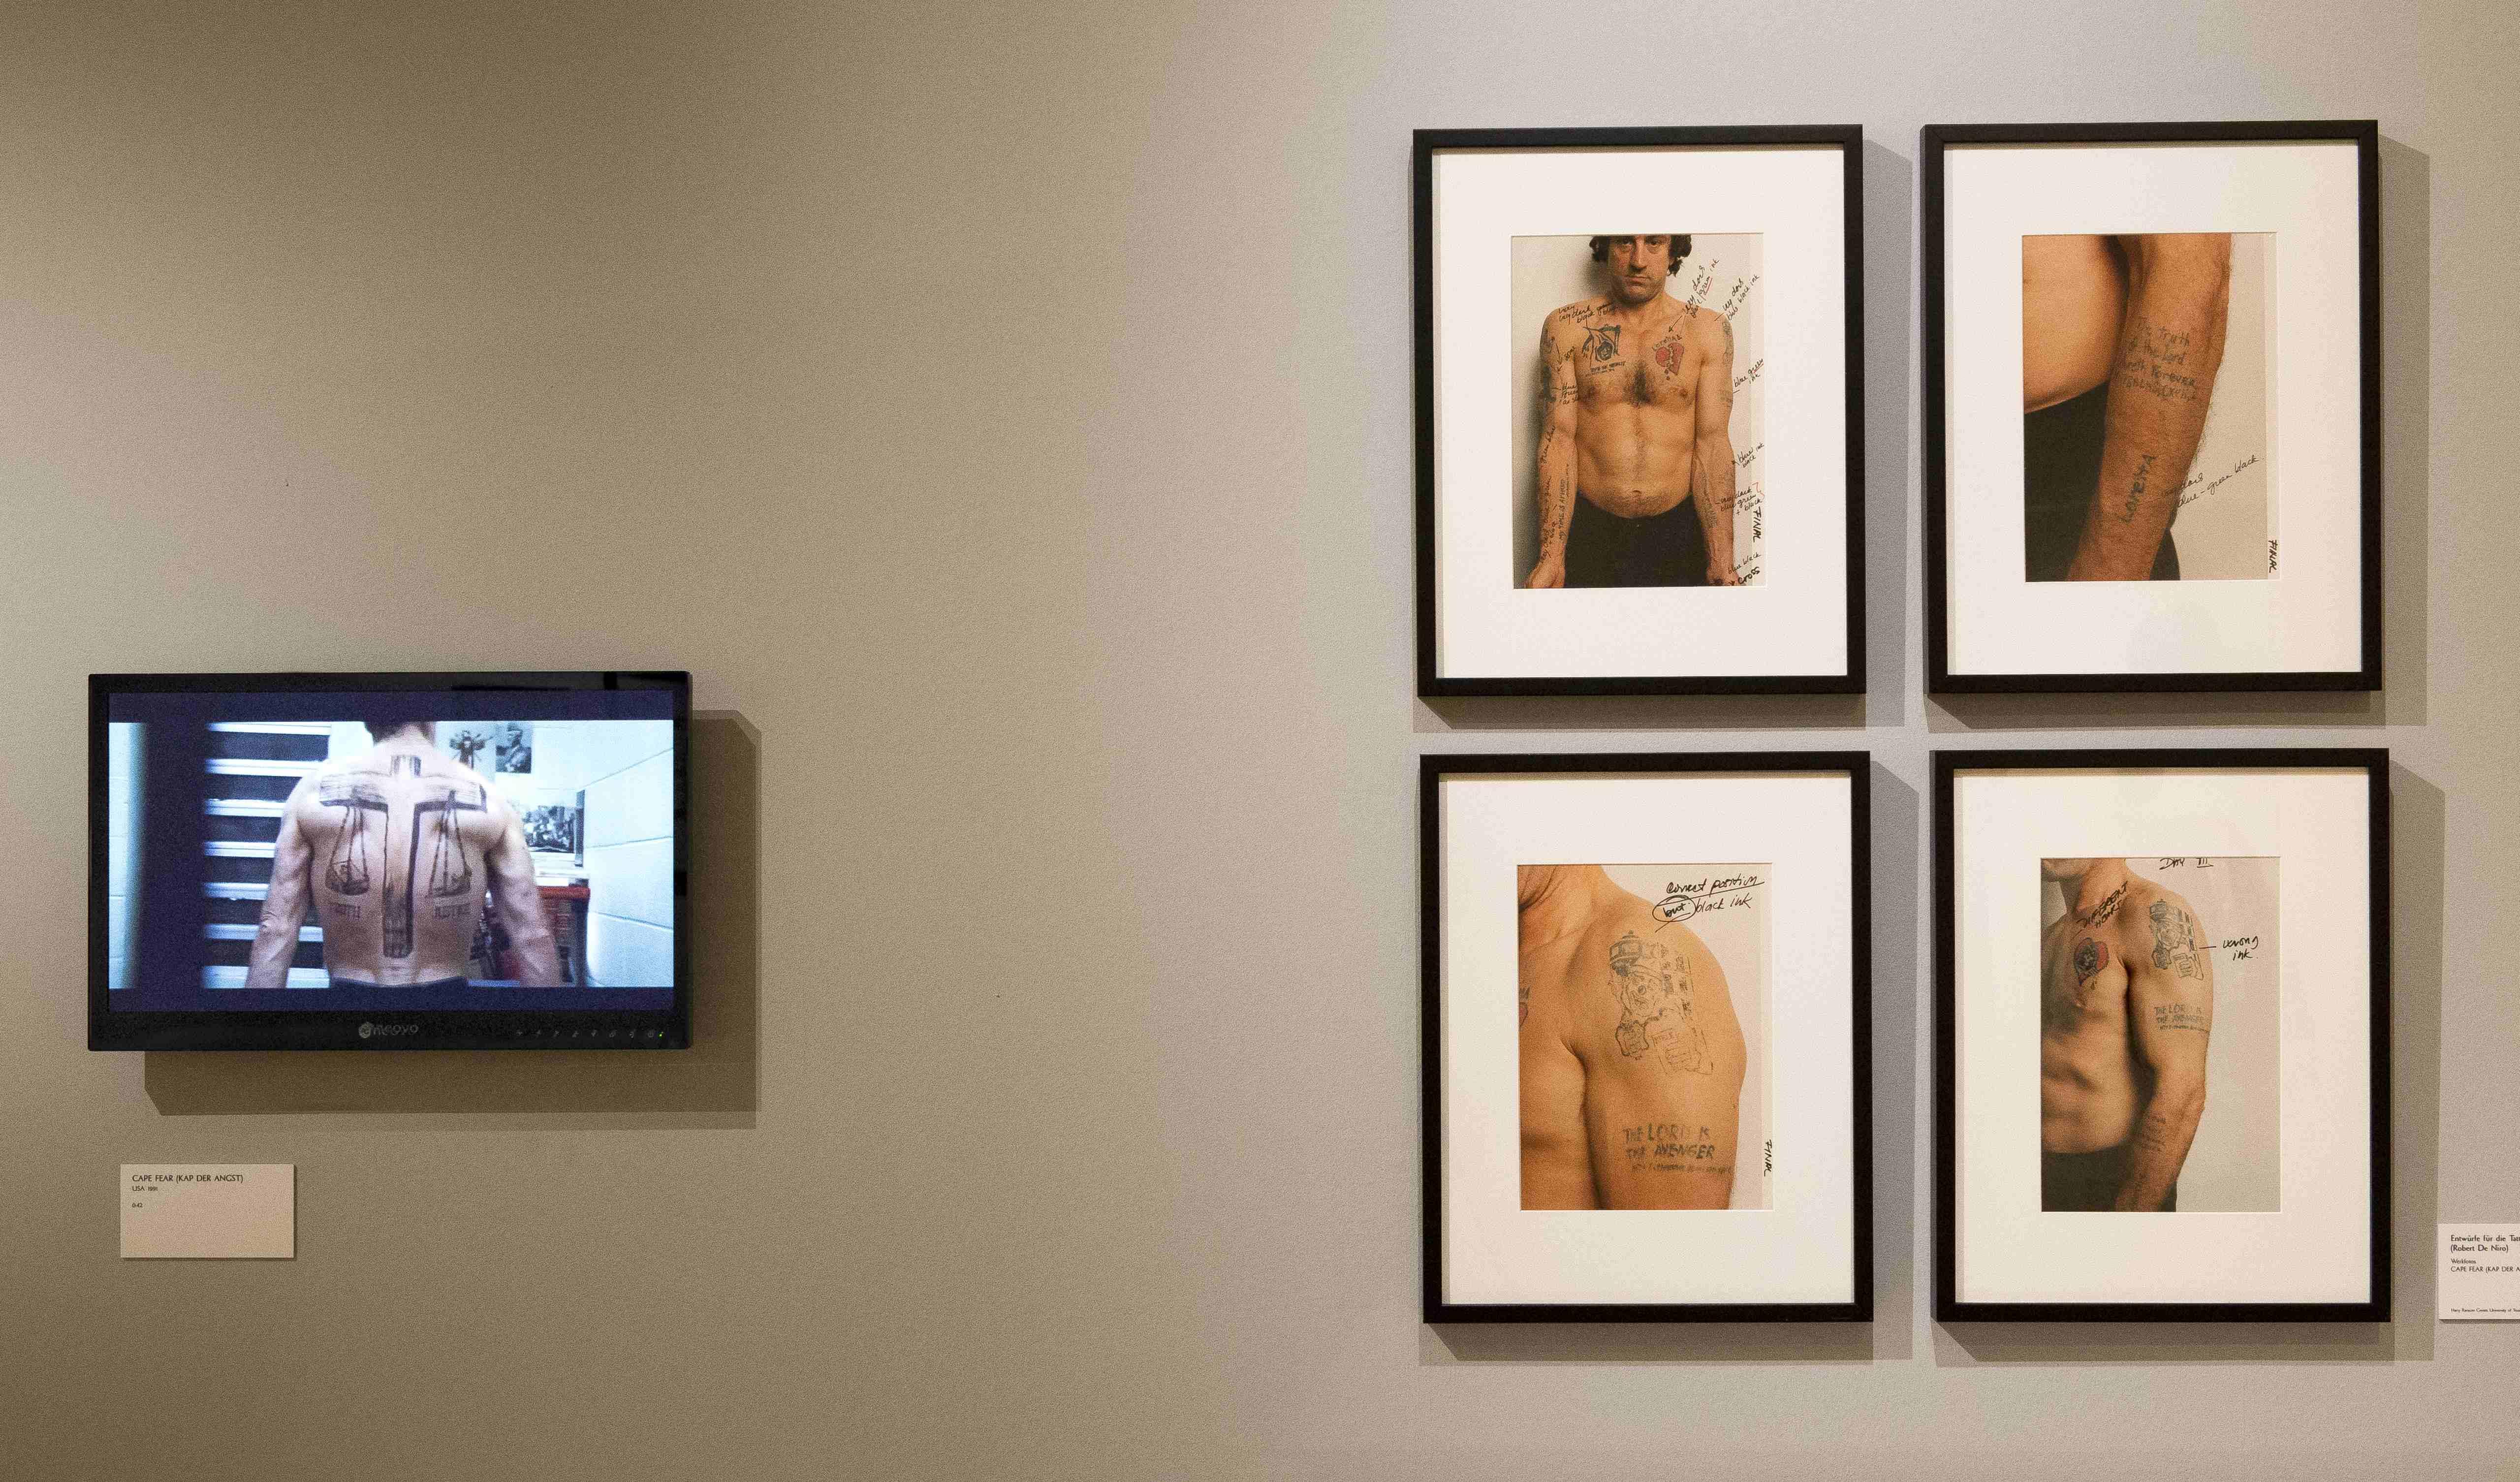 """Detailansicht der Ausstellung """"Martin Scorsese"""", Deutsche Kinemathek, Berlin"""